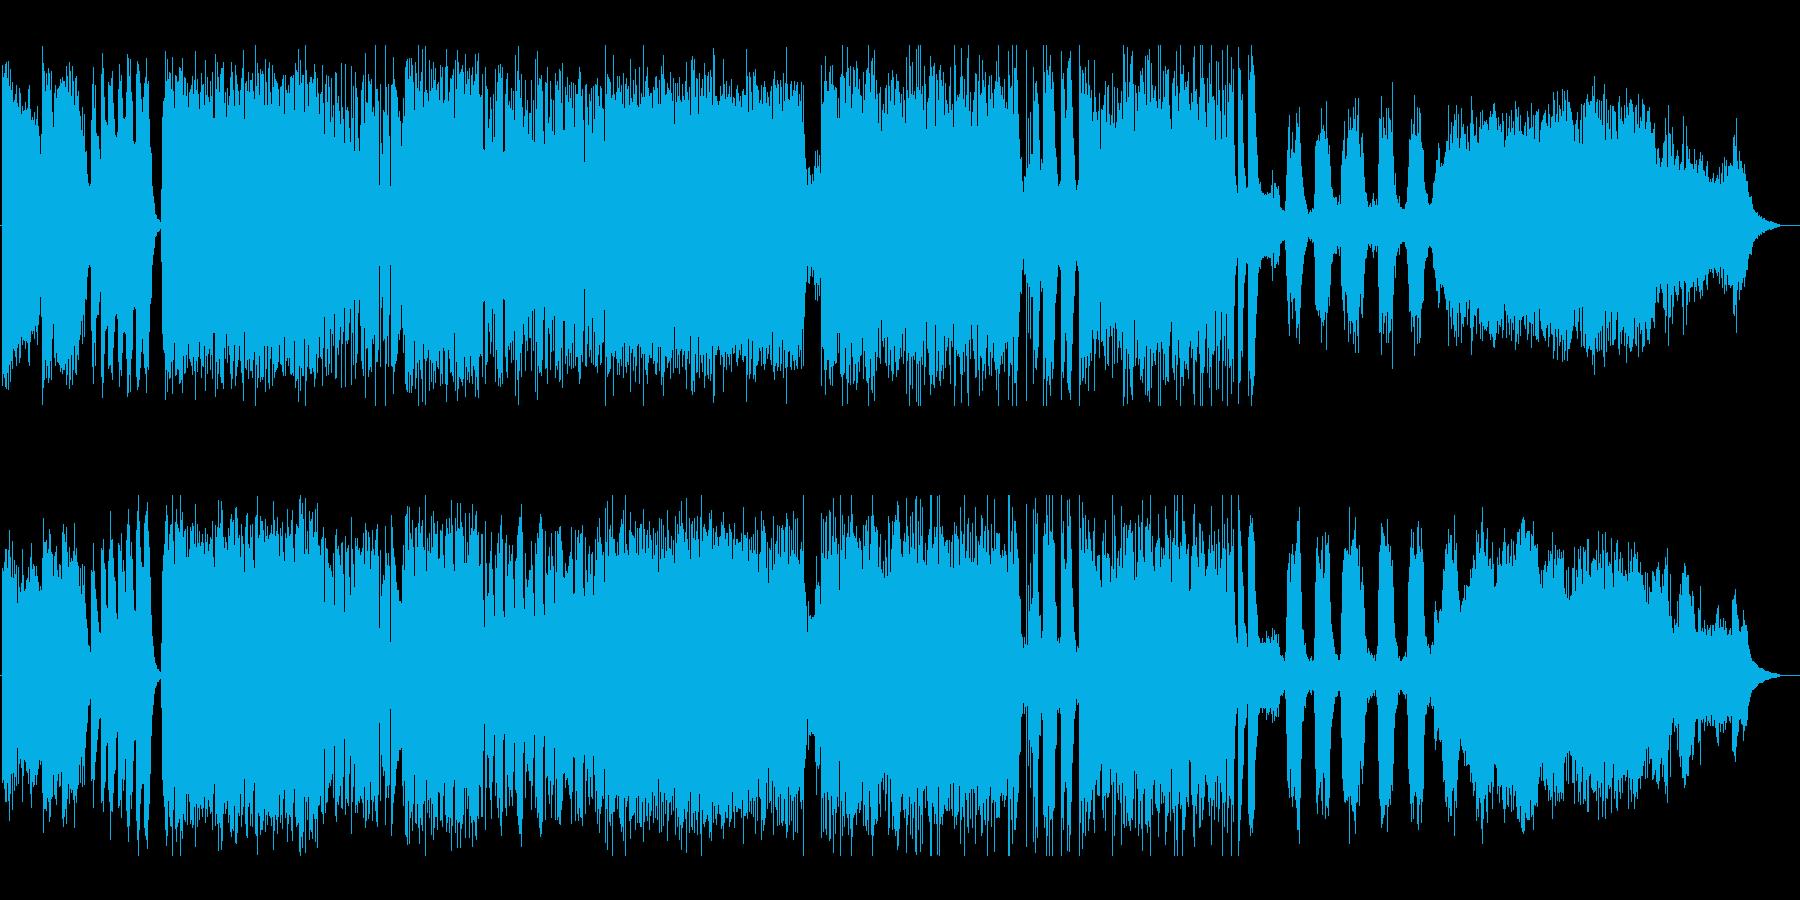 ホルスト 木星 SF風アレンジの再生済みの波形